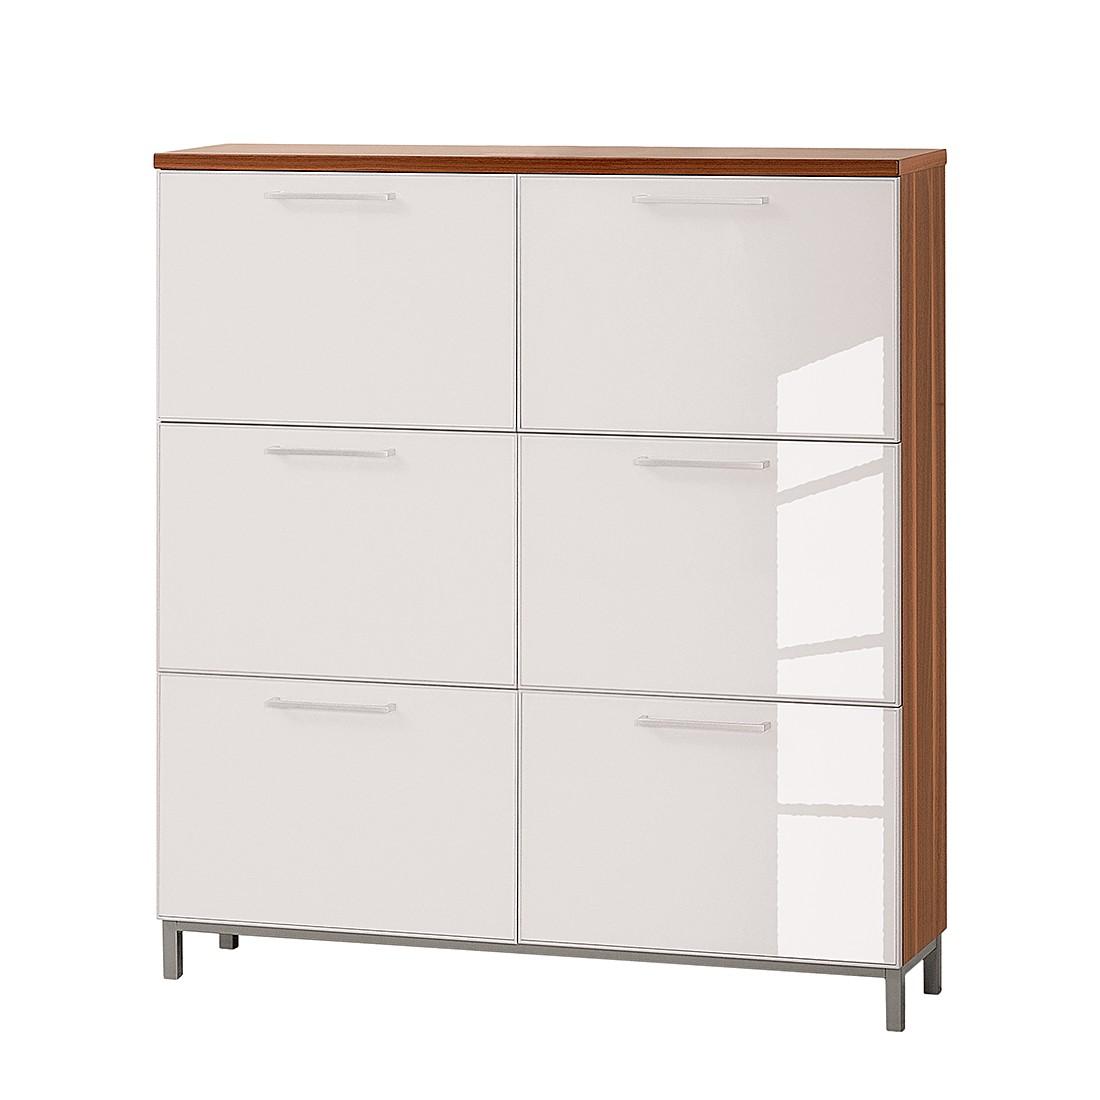 schuhschrank 20 cm tief sonstige preisvergleiche. Black Bedroom Furniture Sets. Home Design Ideas